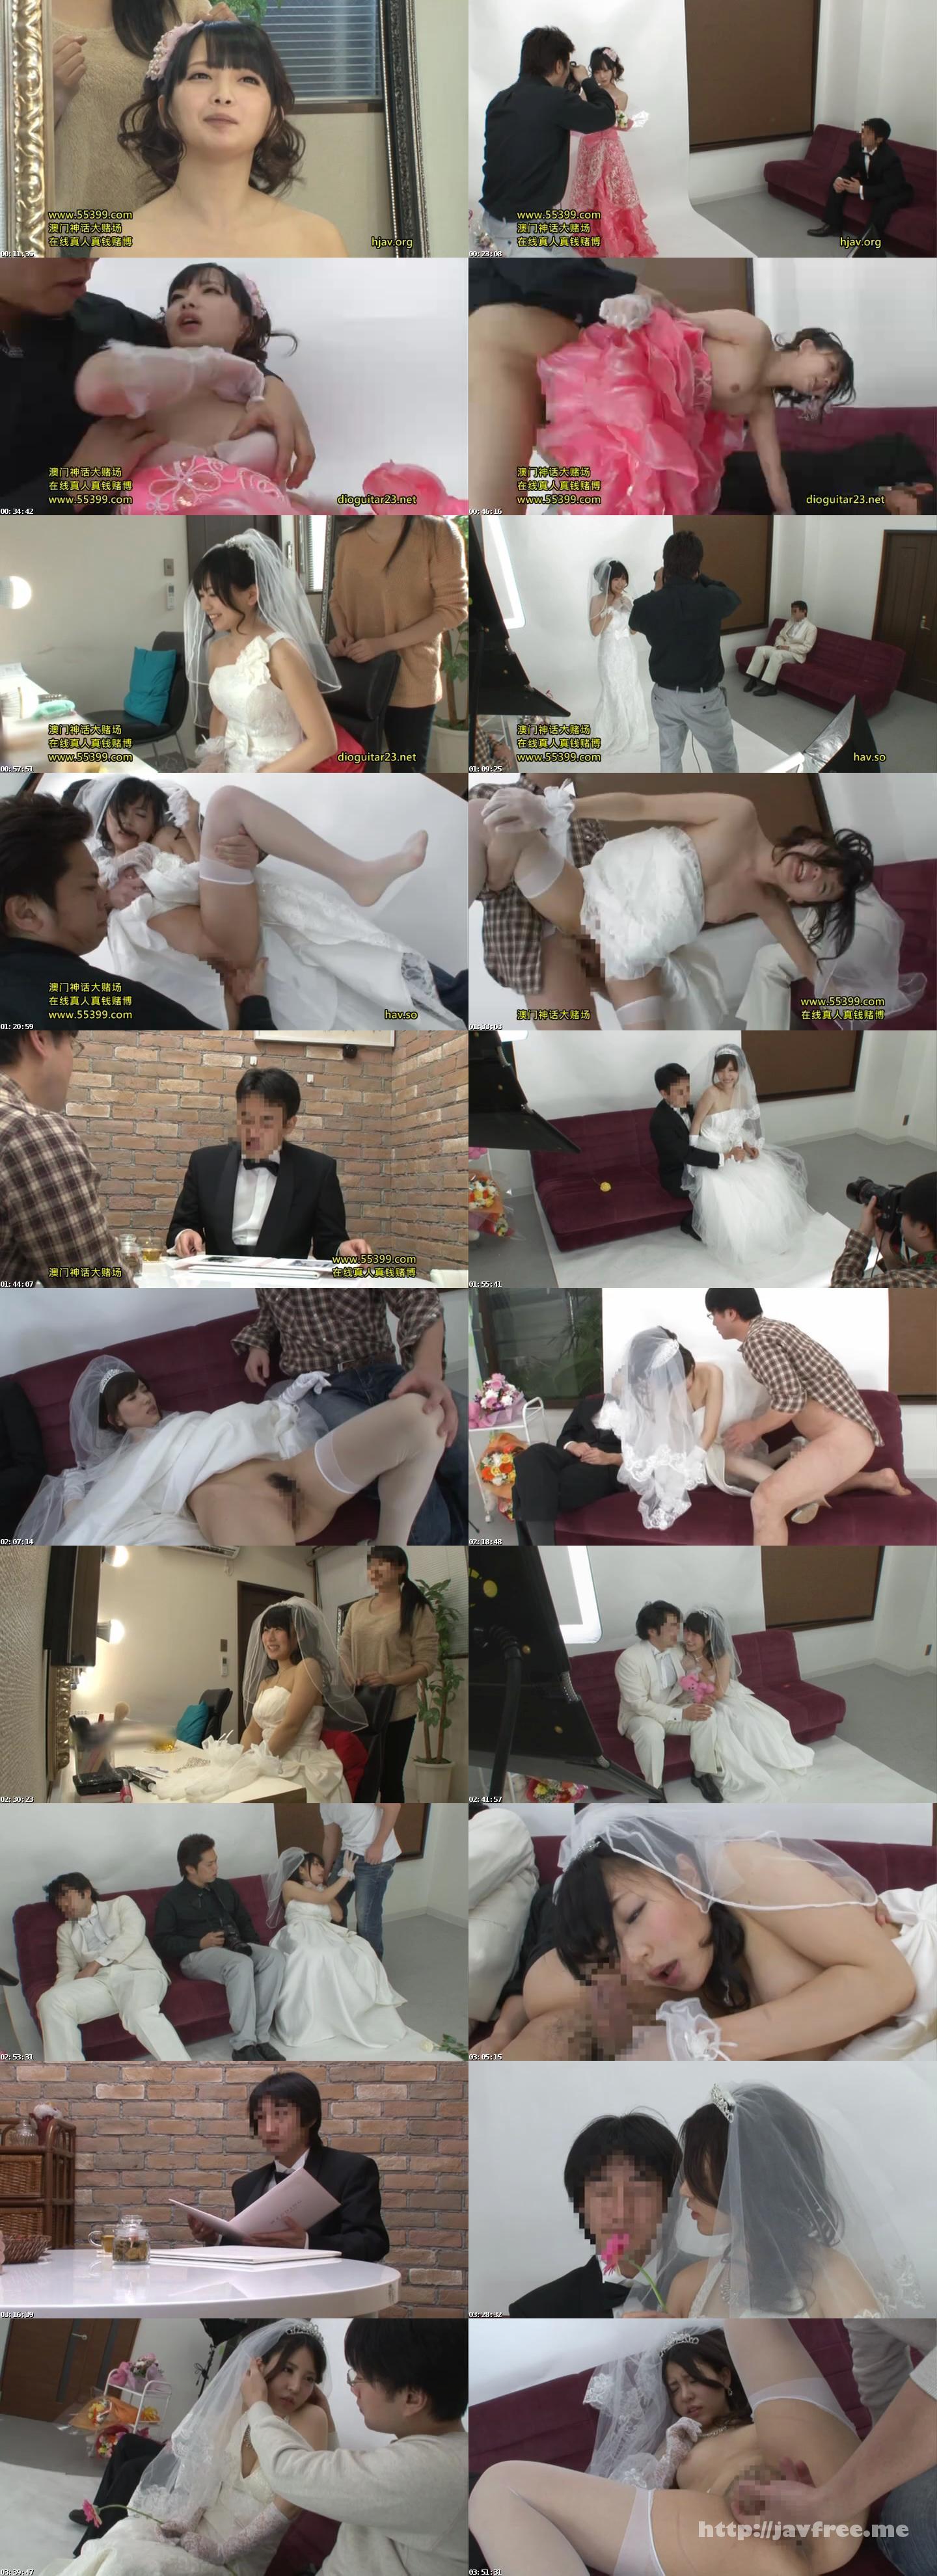 [HUNT-856] 結婚式前にウェディングドレス姿で記念写真を撮影する幸せ絶頂のカップルの花嫁に『媚薬』、新郎に『眠剤』を飲ませたら、ウェディングドレス姿の花嫁が発情!寝ている新郎の目の前で他人のチ○ポを求め、ヨダレをダラダラ流しながら腰を振りまくって初めての浮気! - image HUNT-856 on https://javfree.me